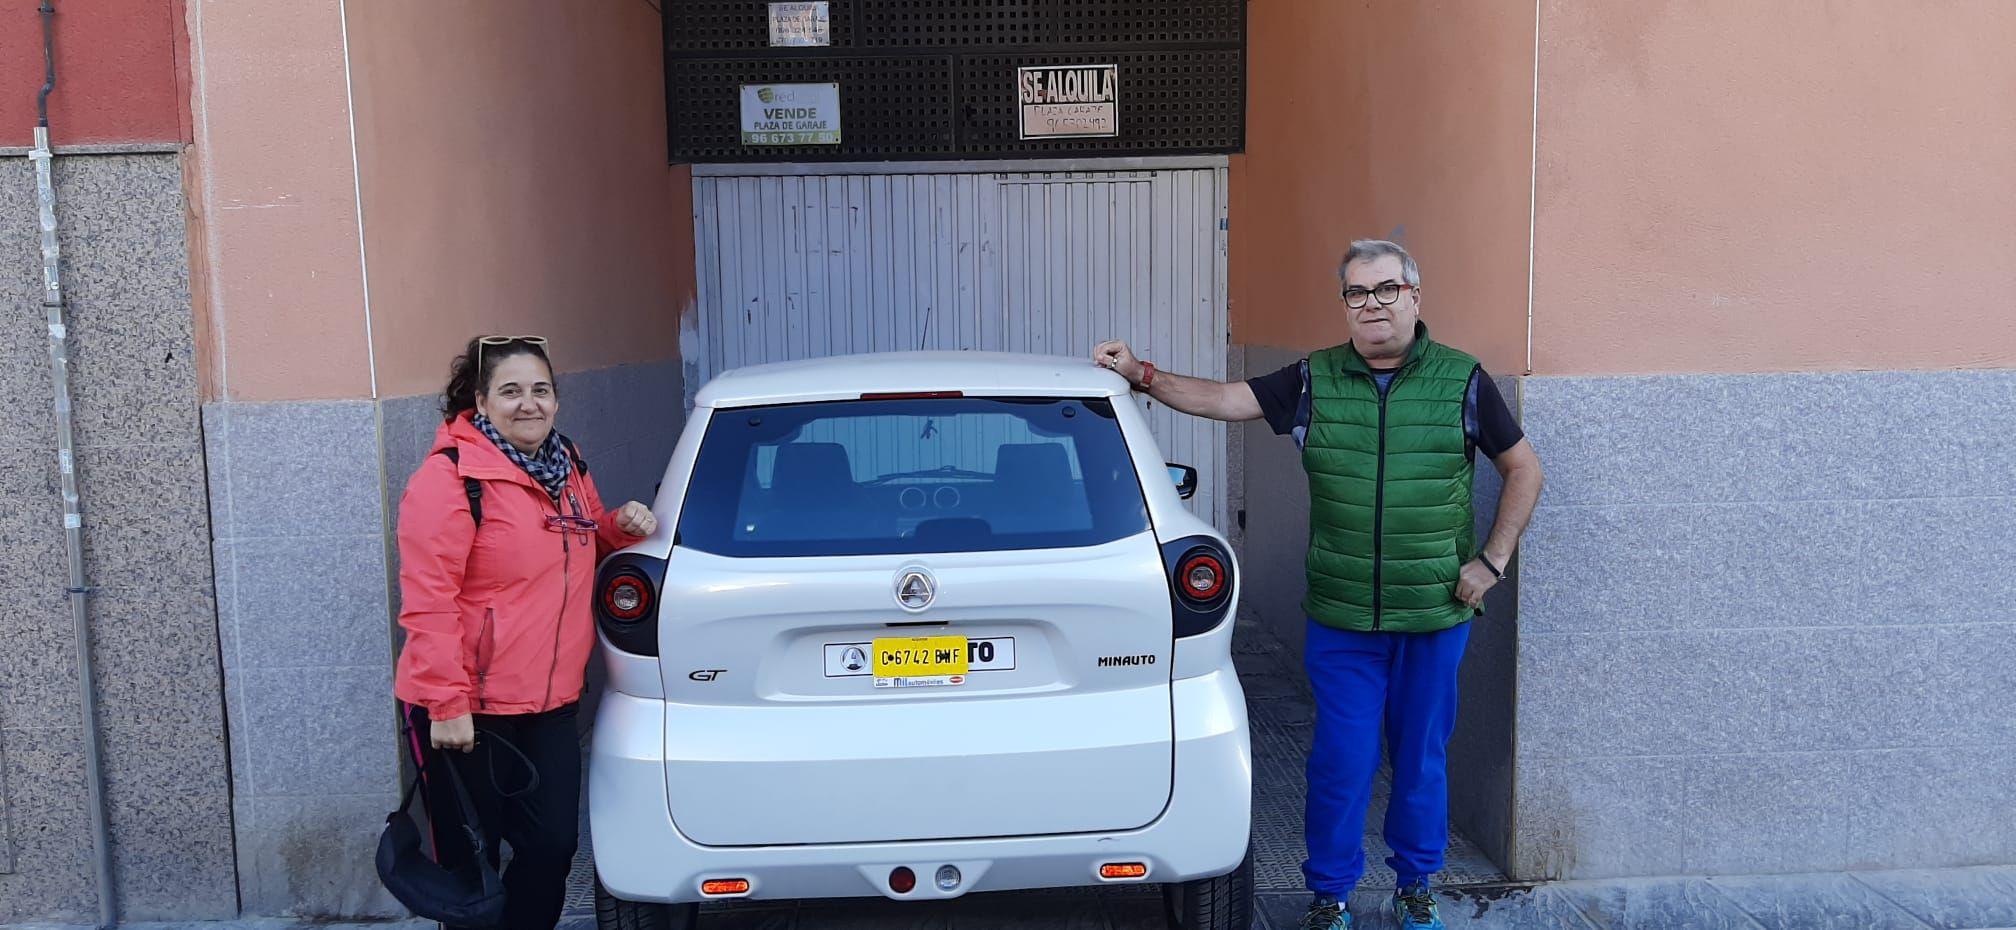 Milautomóviles hace entrega de vehículo sin carnet a Lorena y Lorenzo